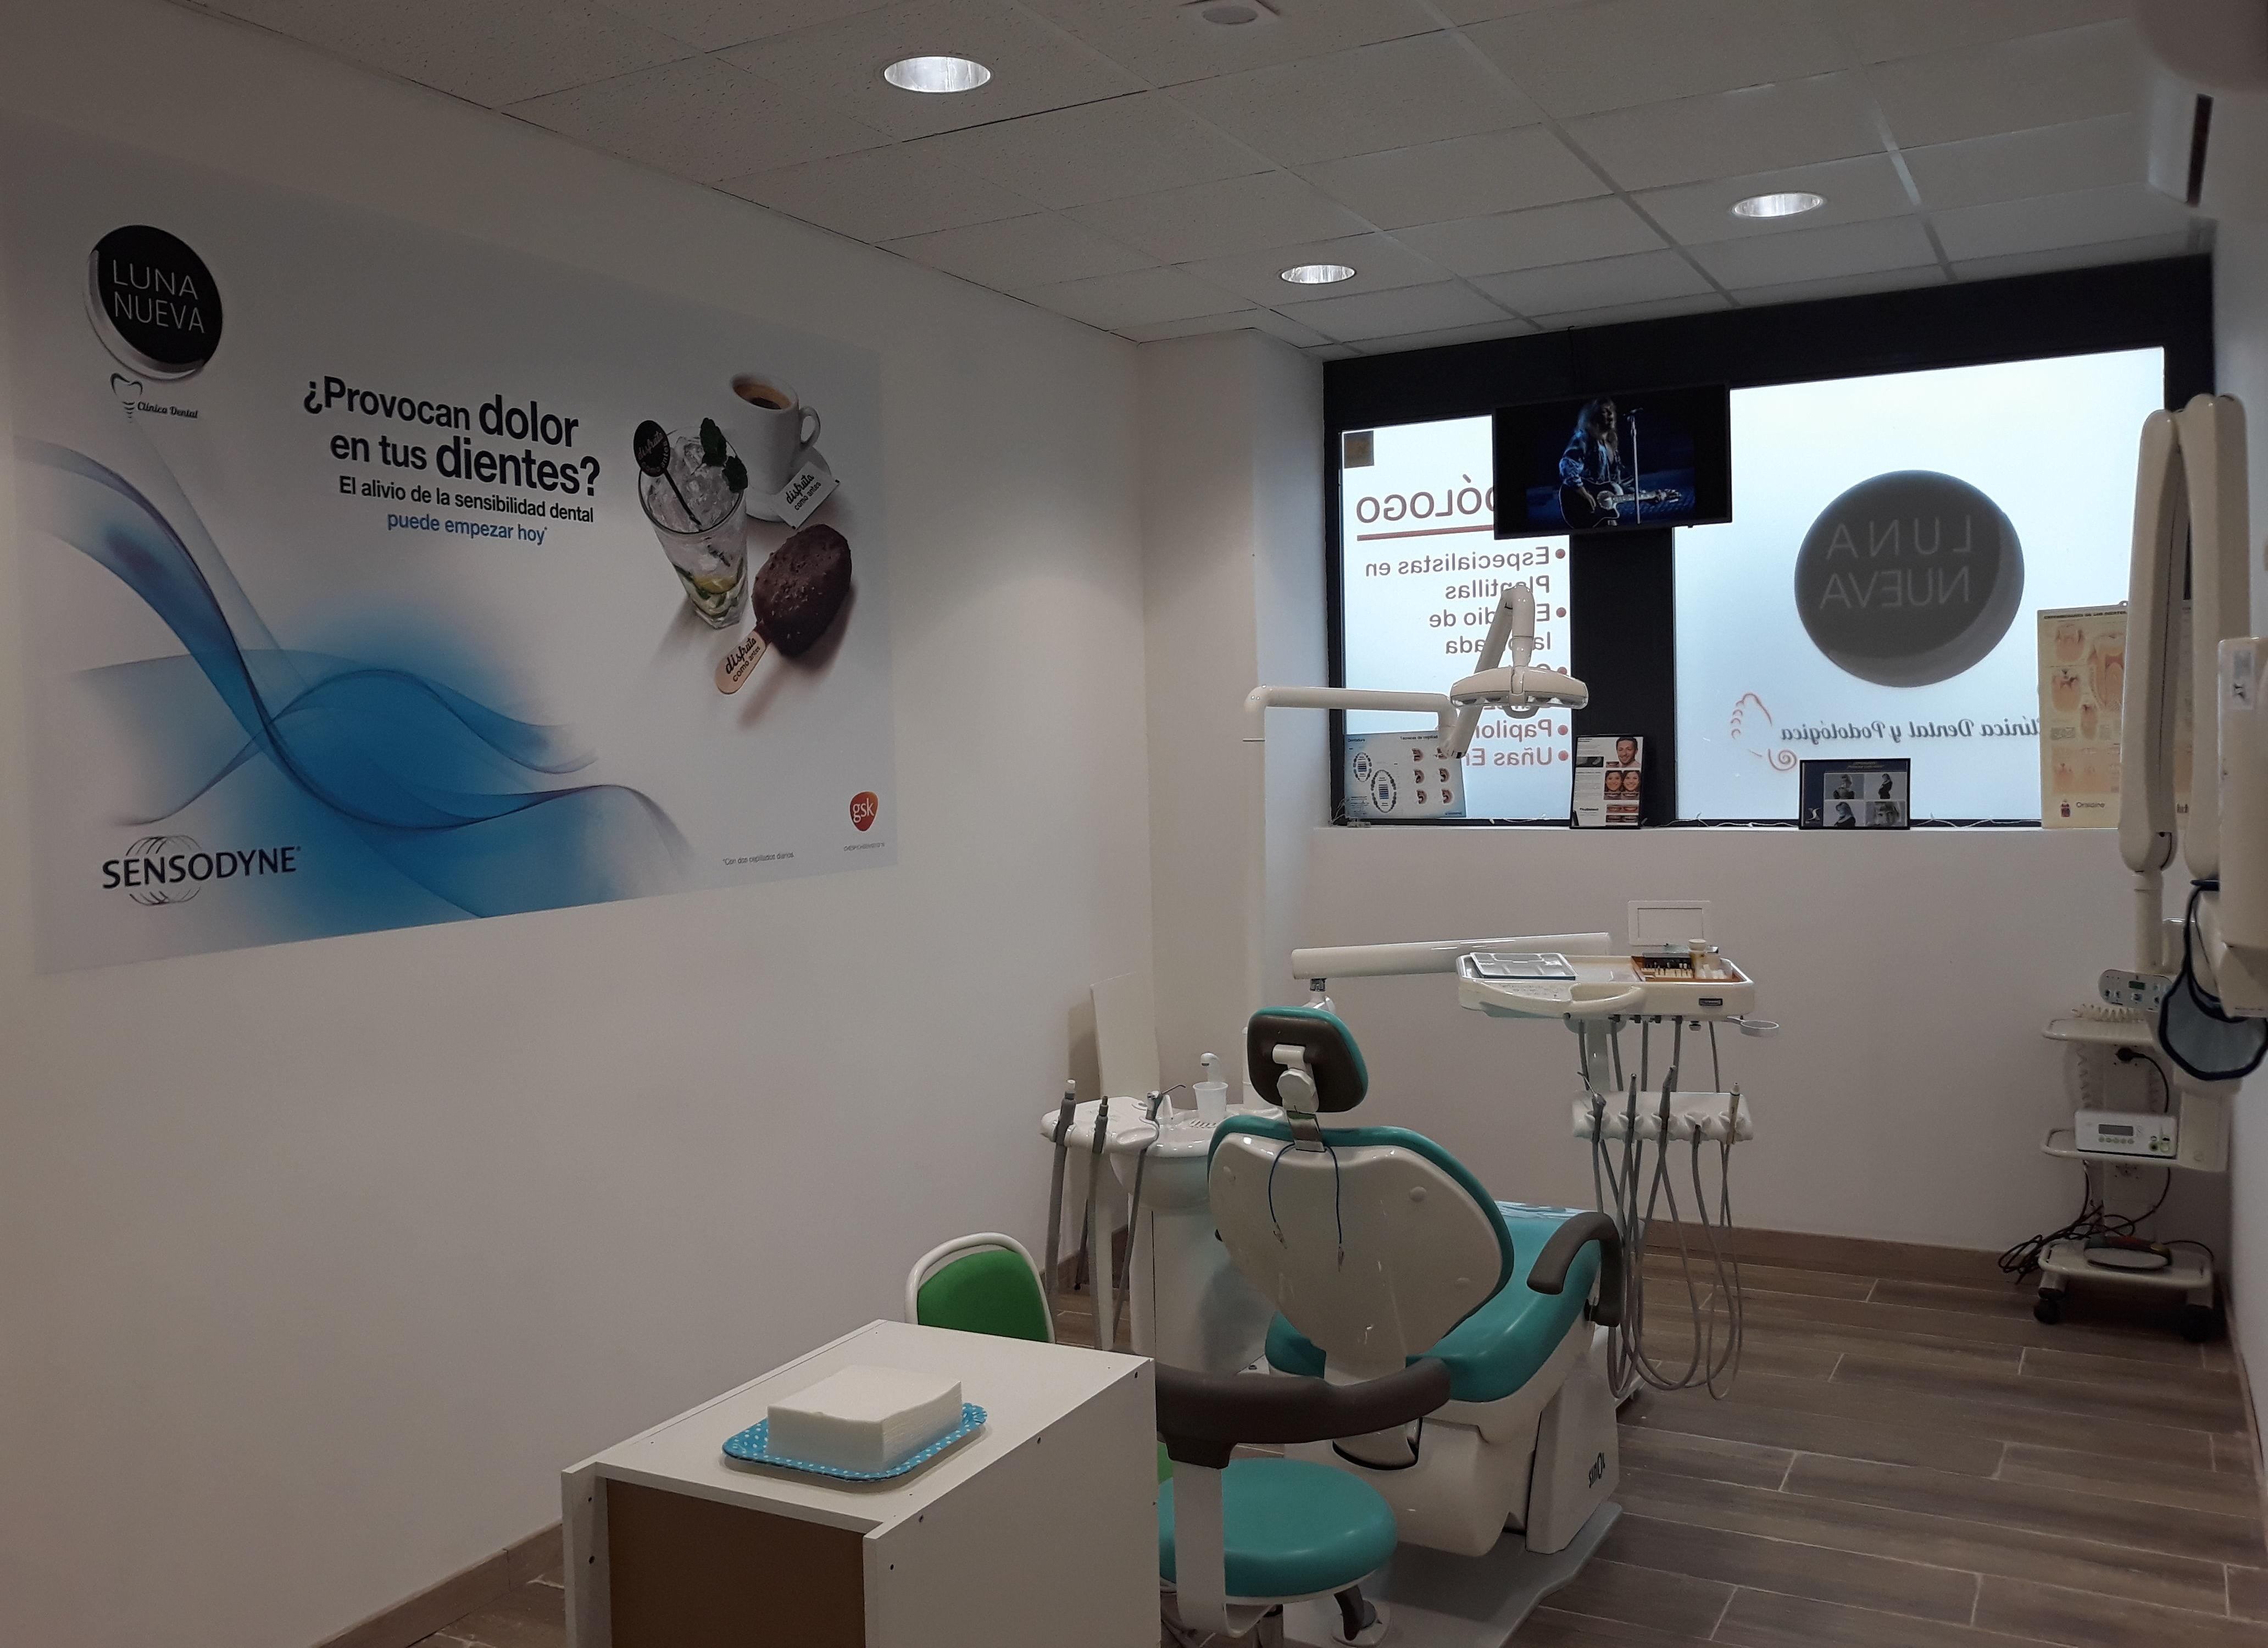 Foto 2 de Clínica dental y servicios de podología en Rivas-Vaciamadrid | Clínica dental y podológica Luna Nueva